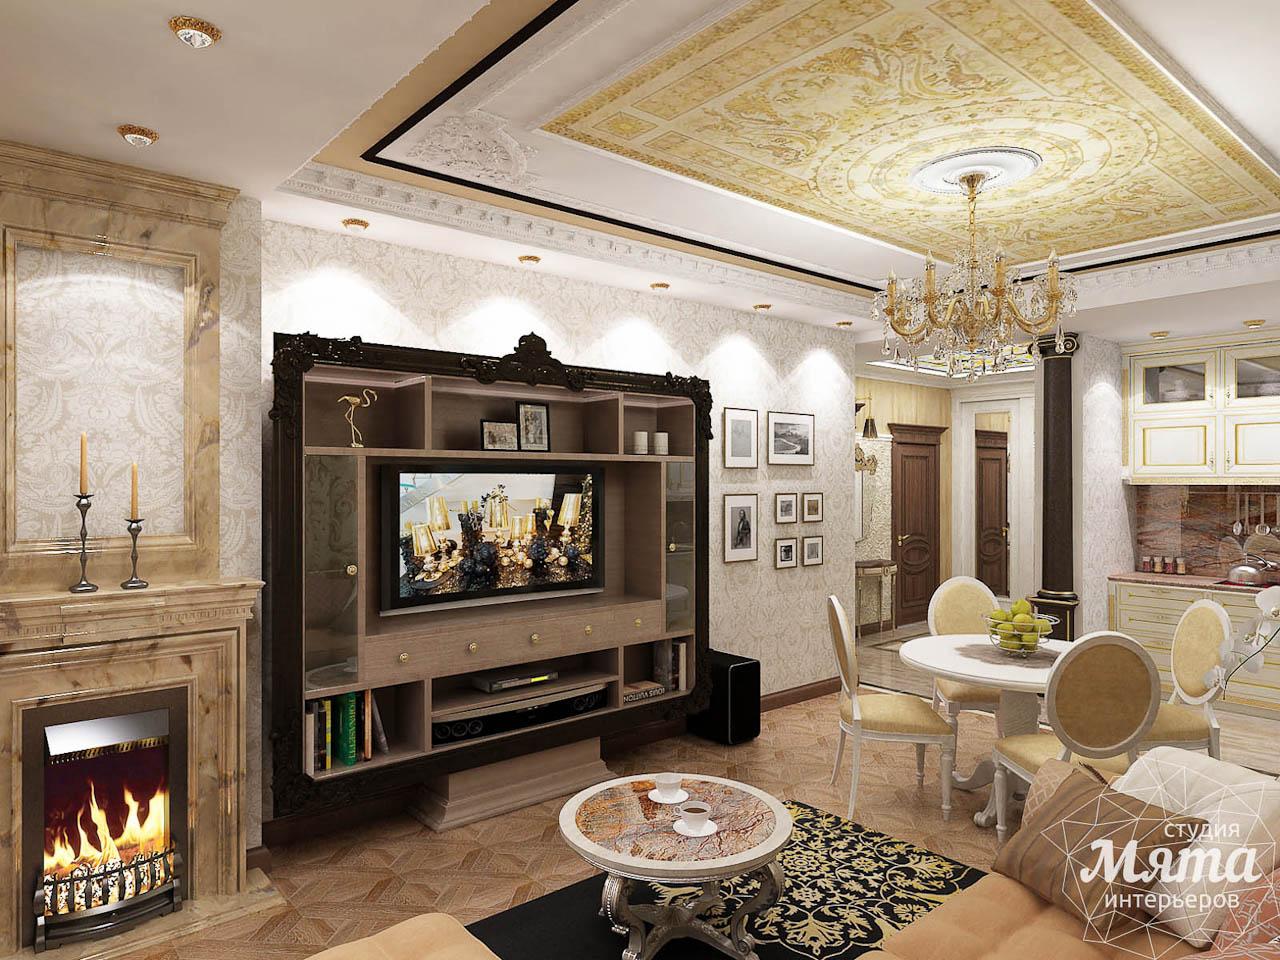 Дизайн интерьера двухкомнатной квартиры по ул. Мельникова 38 img404296578